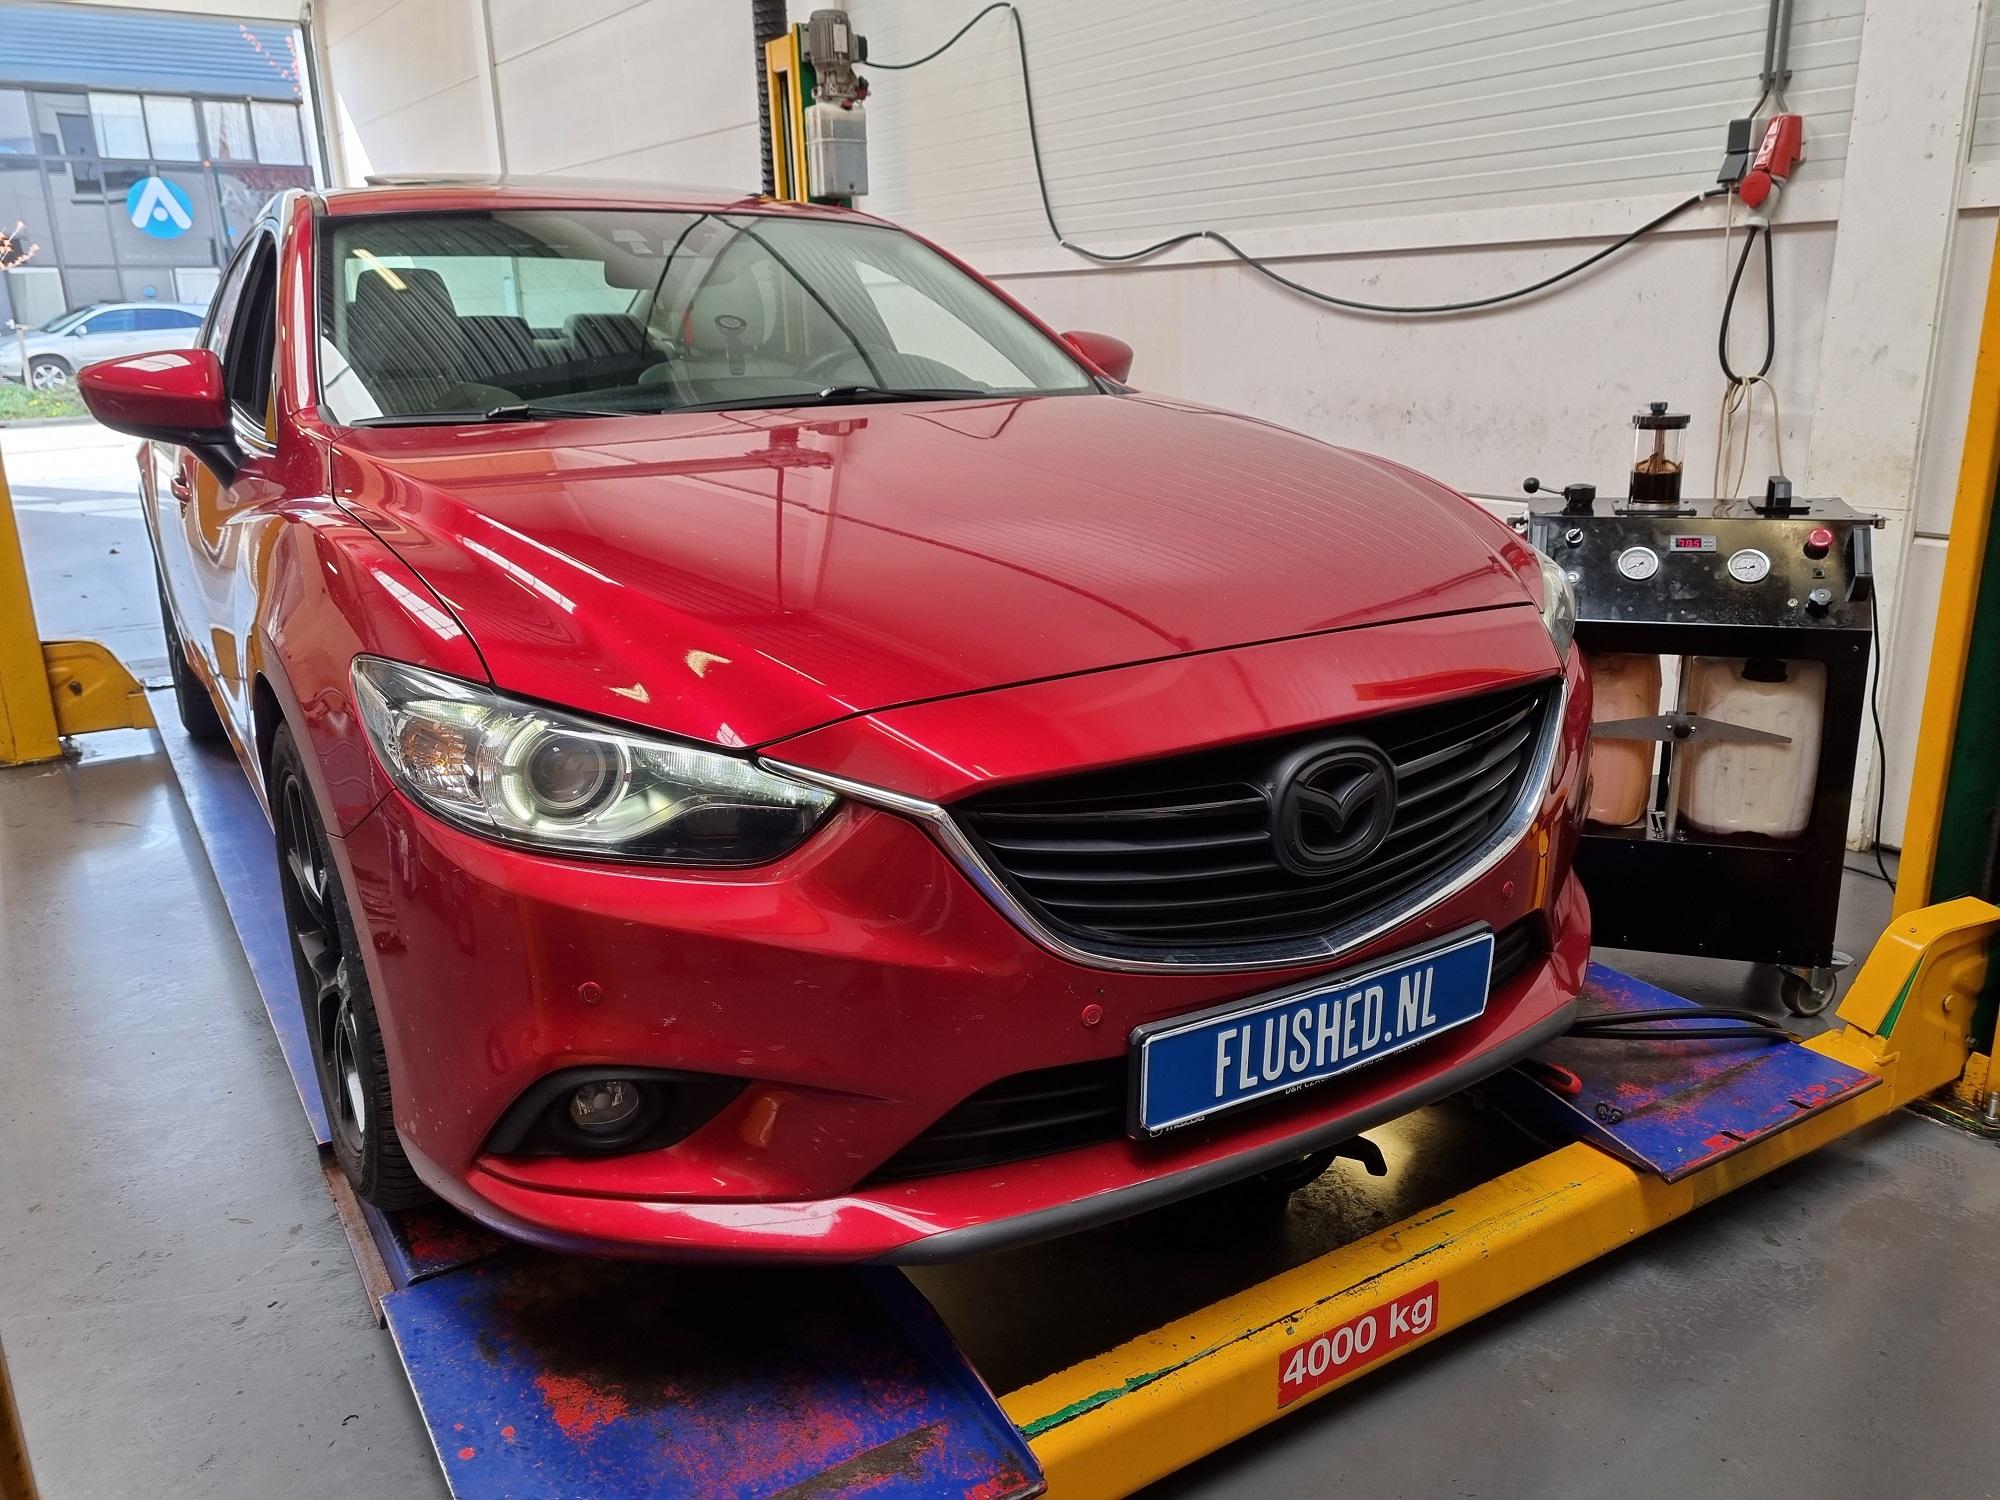 Mazda 6 Automaatbak Spoelen